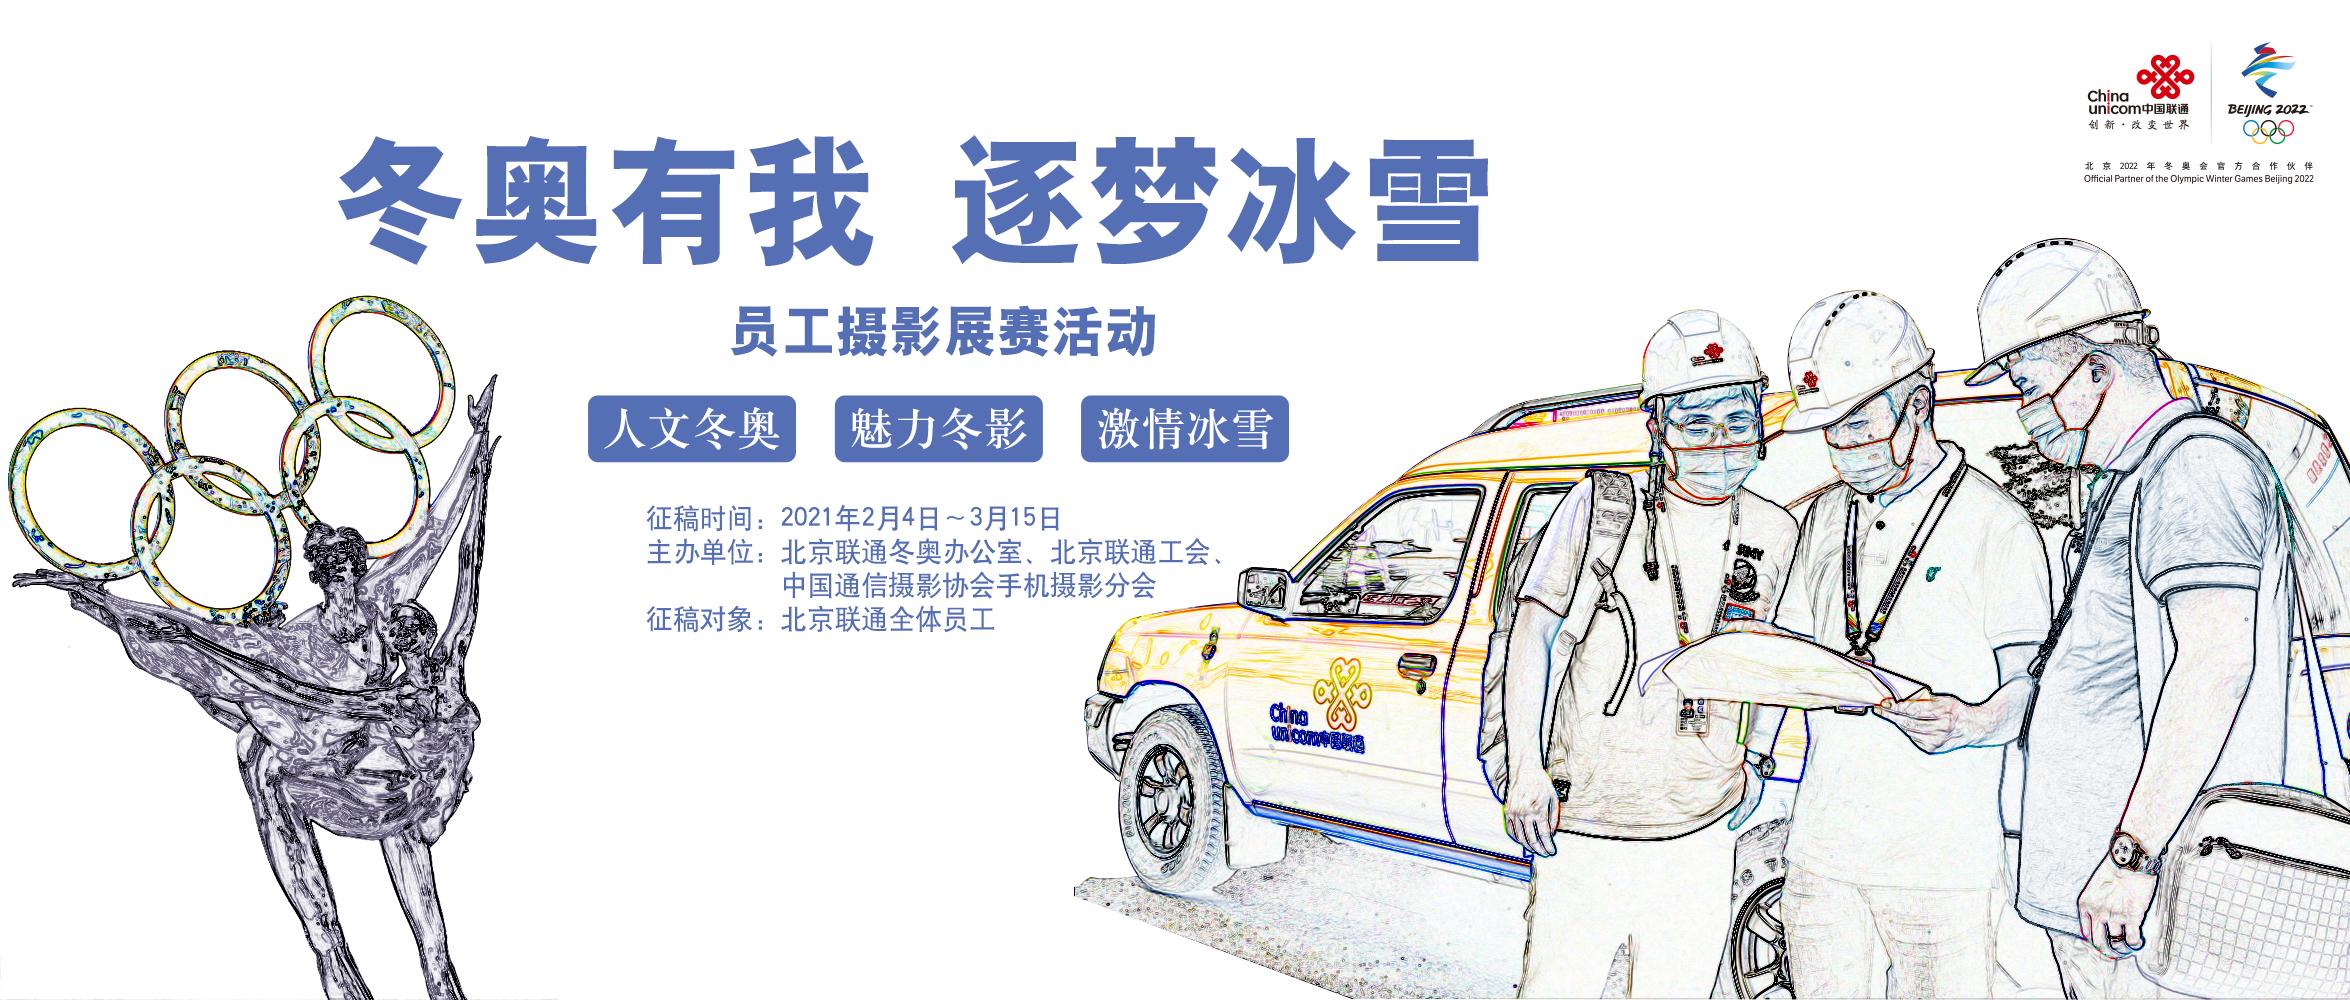 """2021""""冬奥有我-逐梦冰雪""""员工摄影展赛活动2350-1000.jpg"""